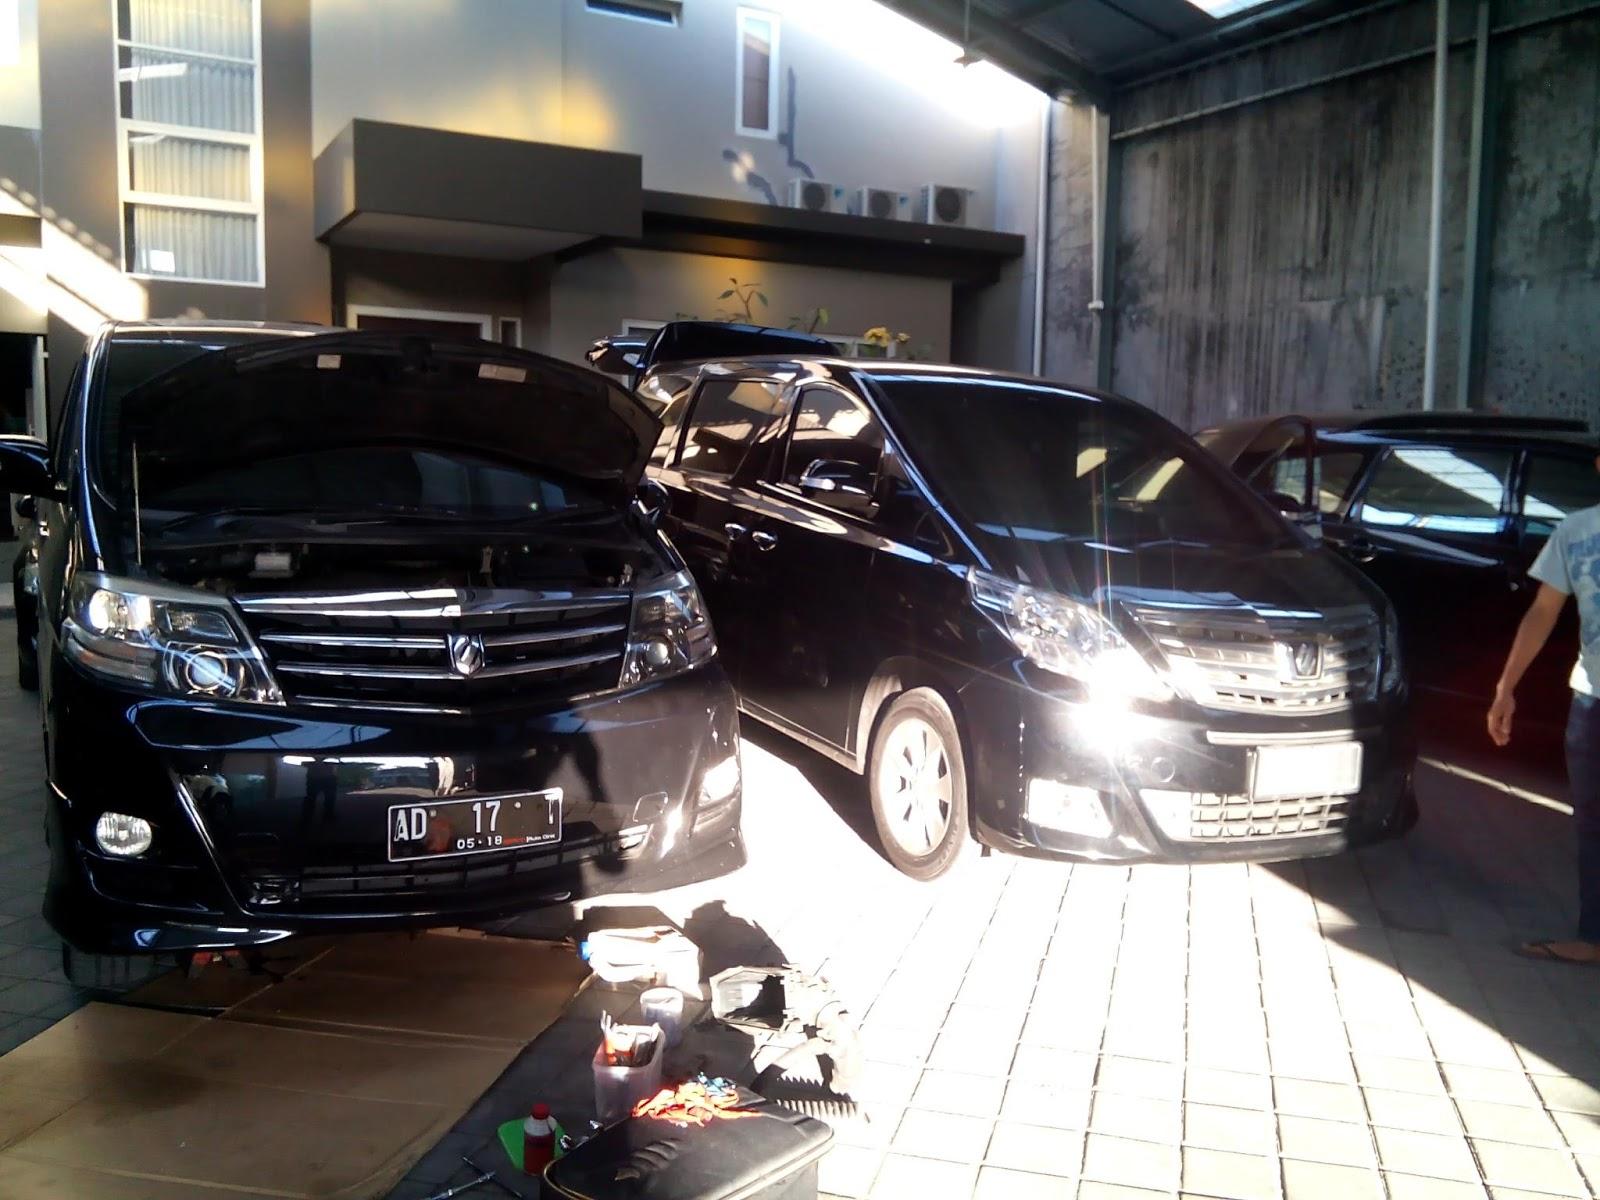 Gambar Bengkel Mobil Mewah Modifikasi Mobil